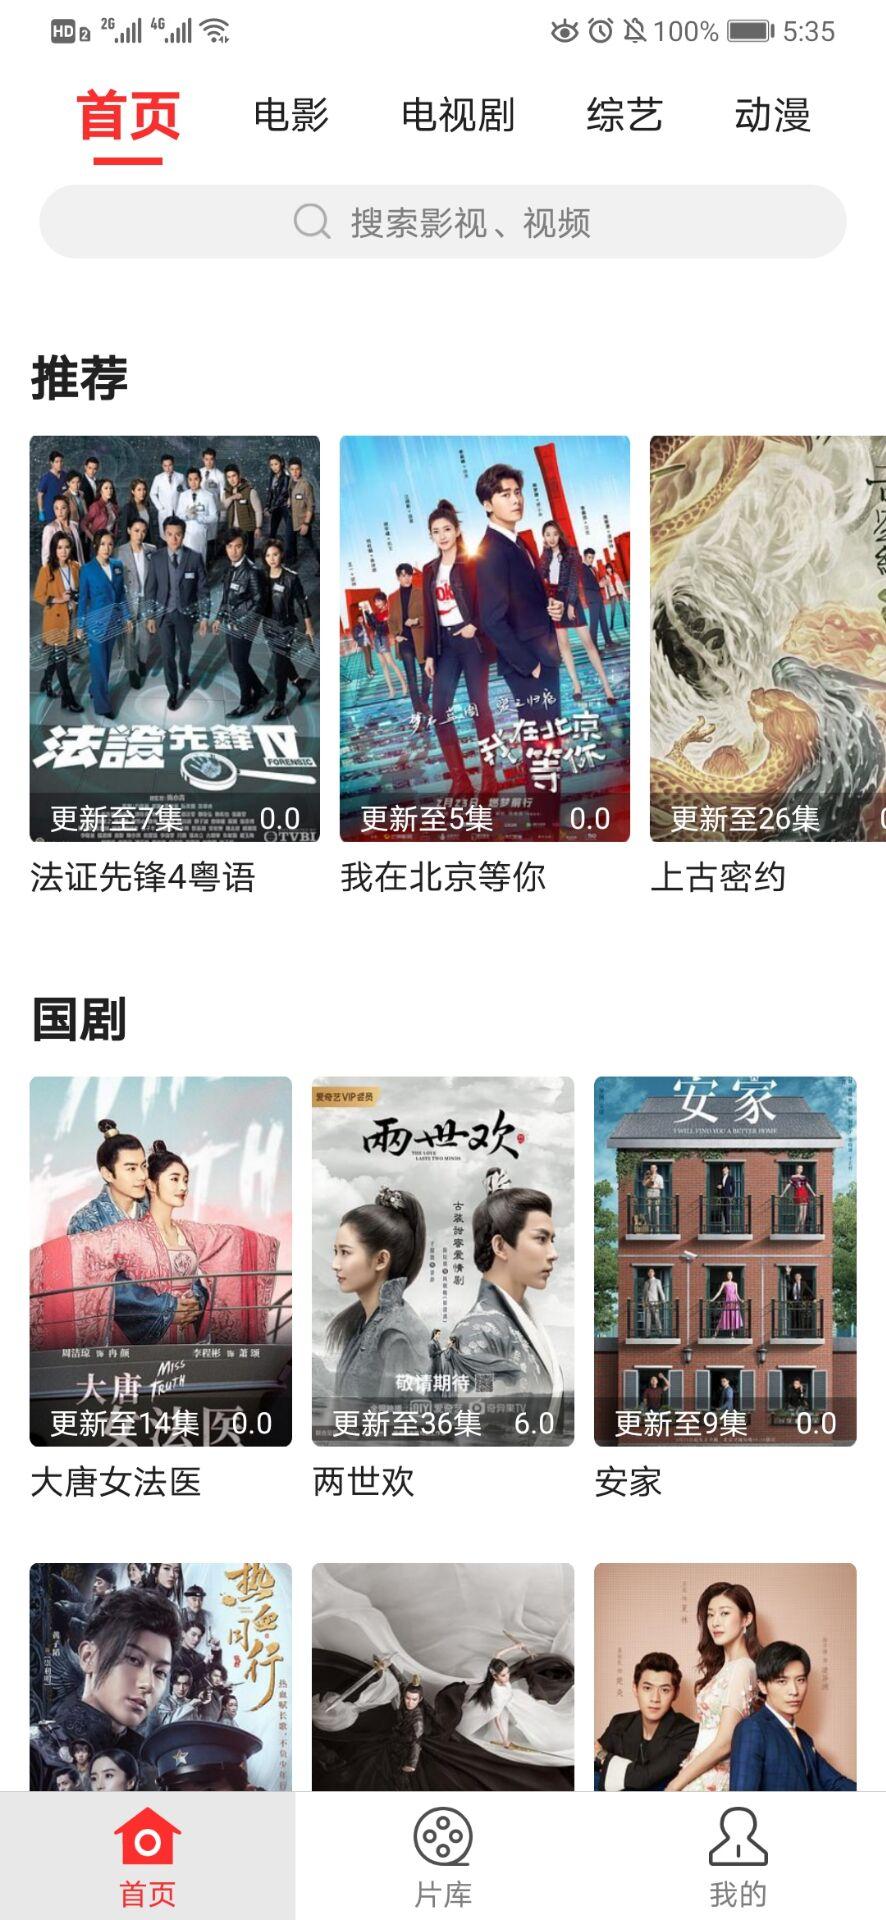 【软件】红椒影视v1.2.0 ★免费看大片★